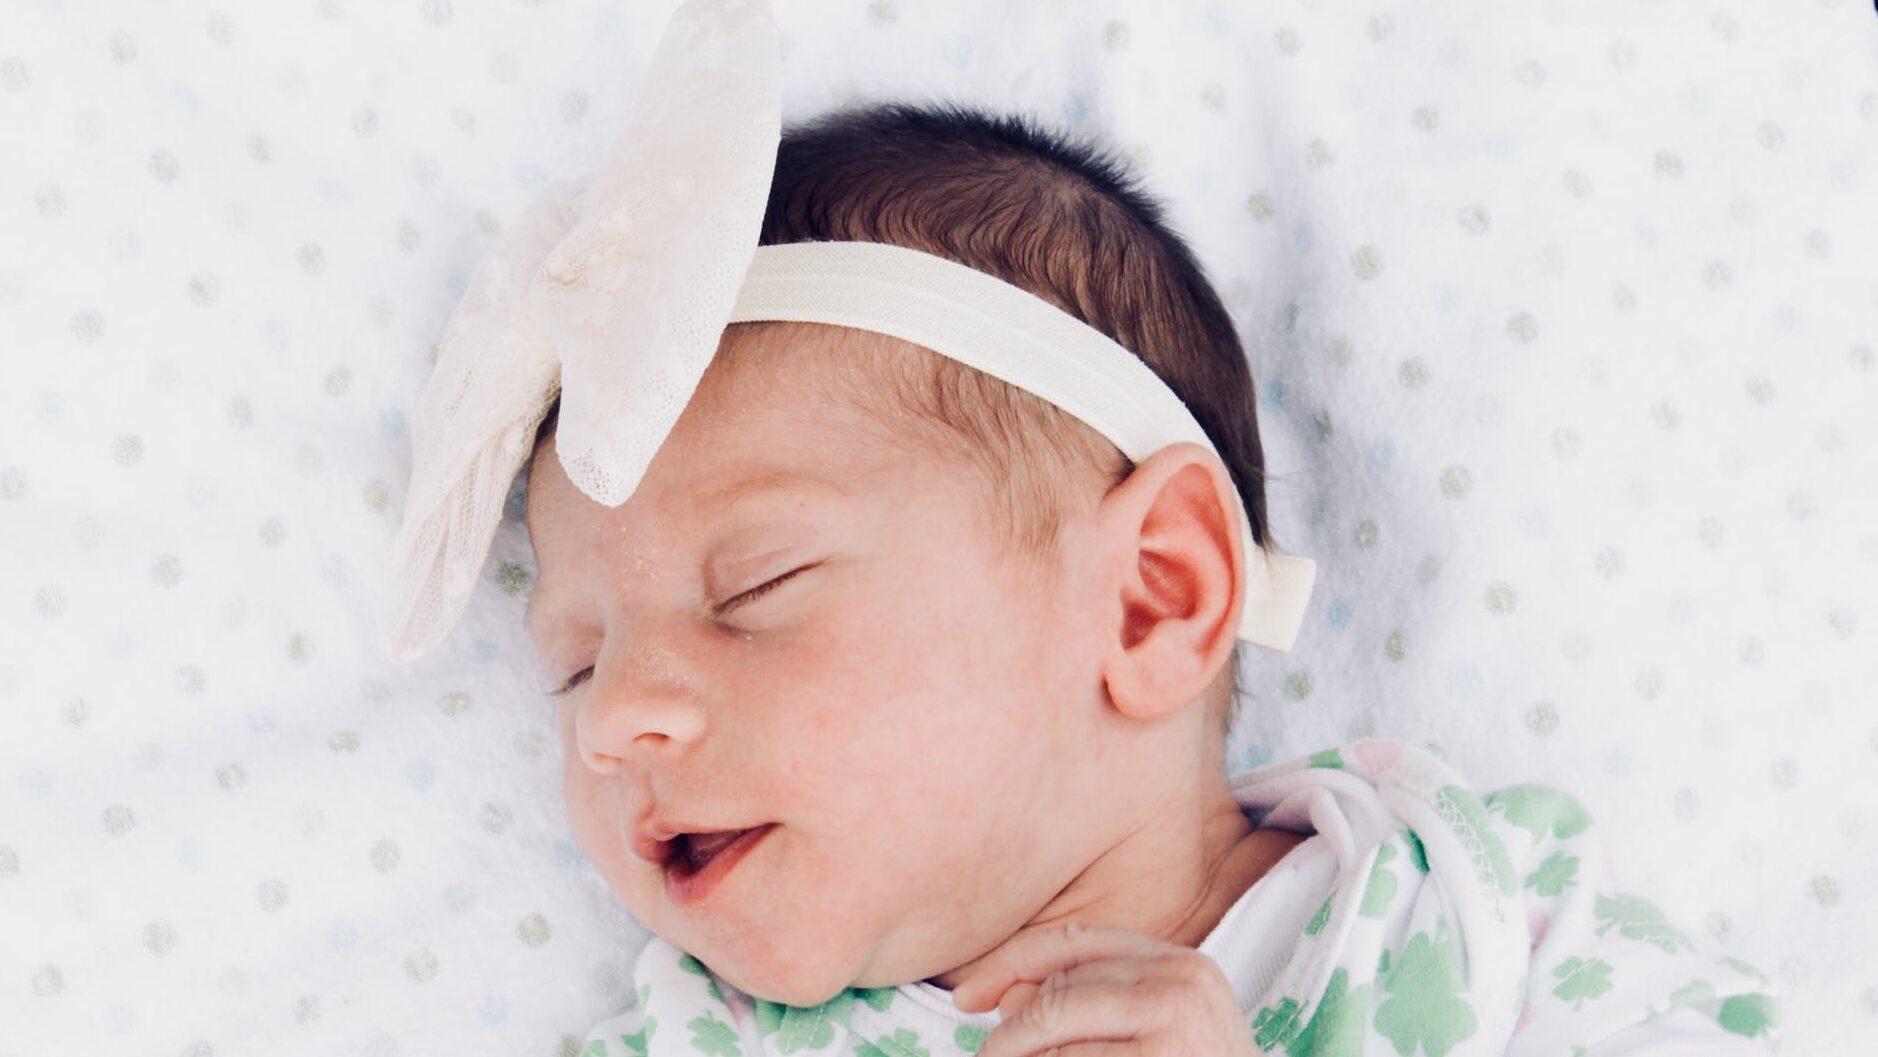 新生児のしゃっくりが毎日(ミルクや授乳後)止まらない…原因は?多い病気は?止める方法は?のイメージ画像8